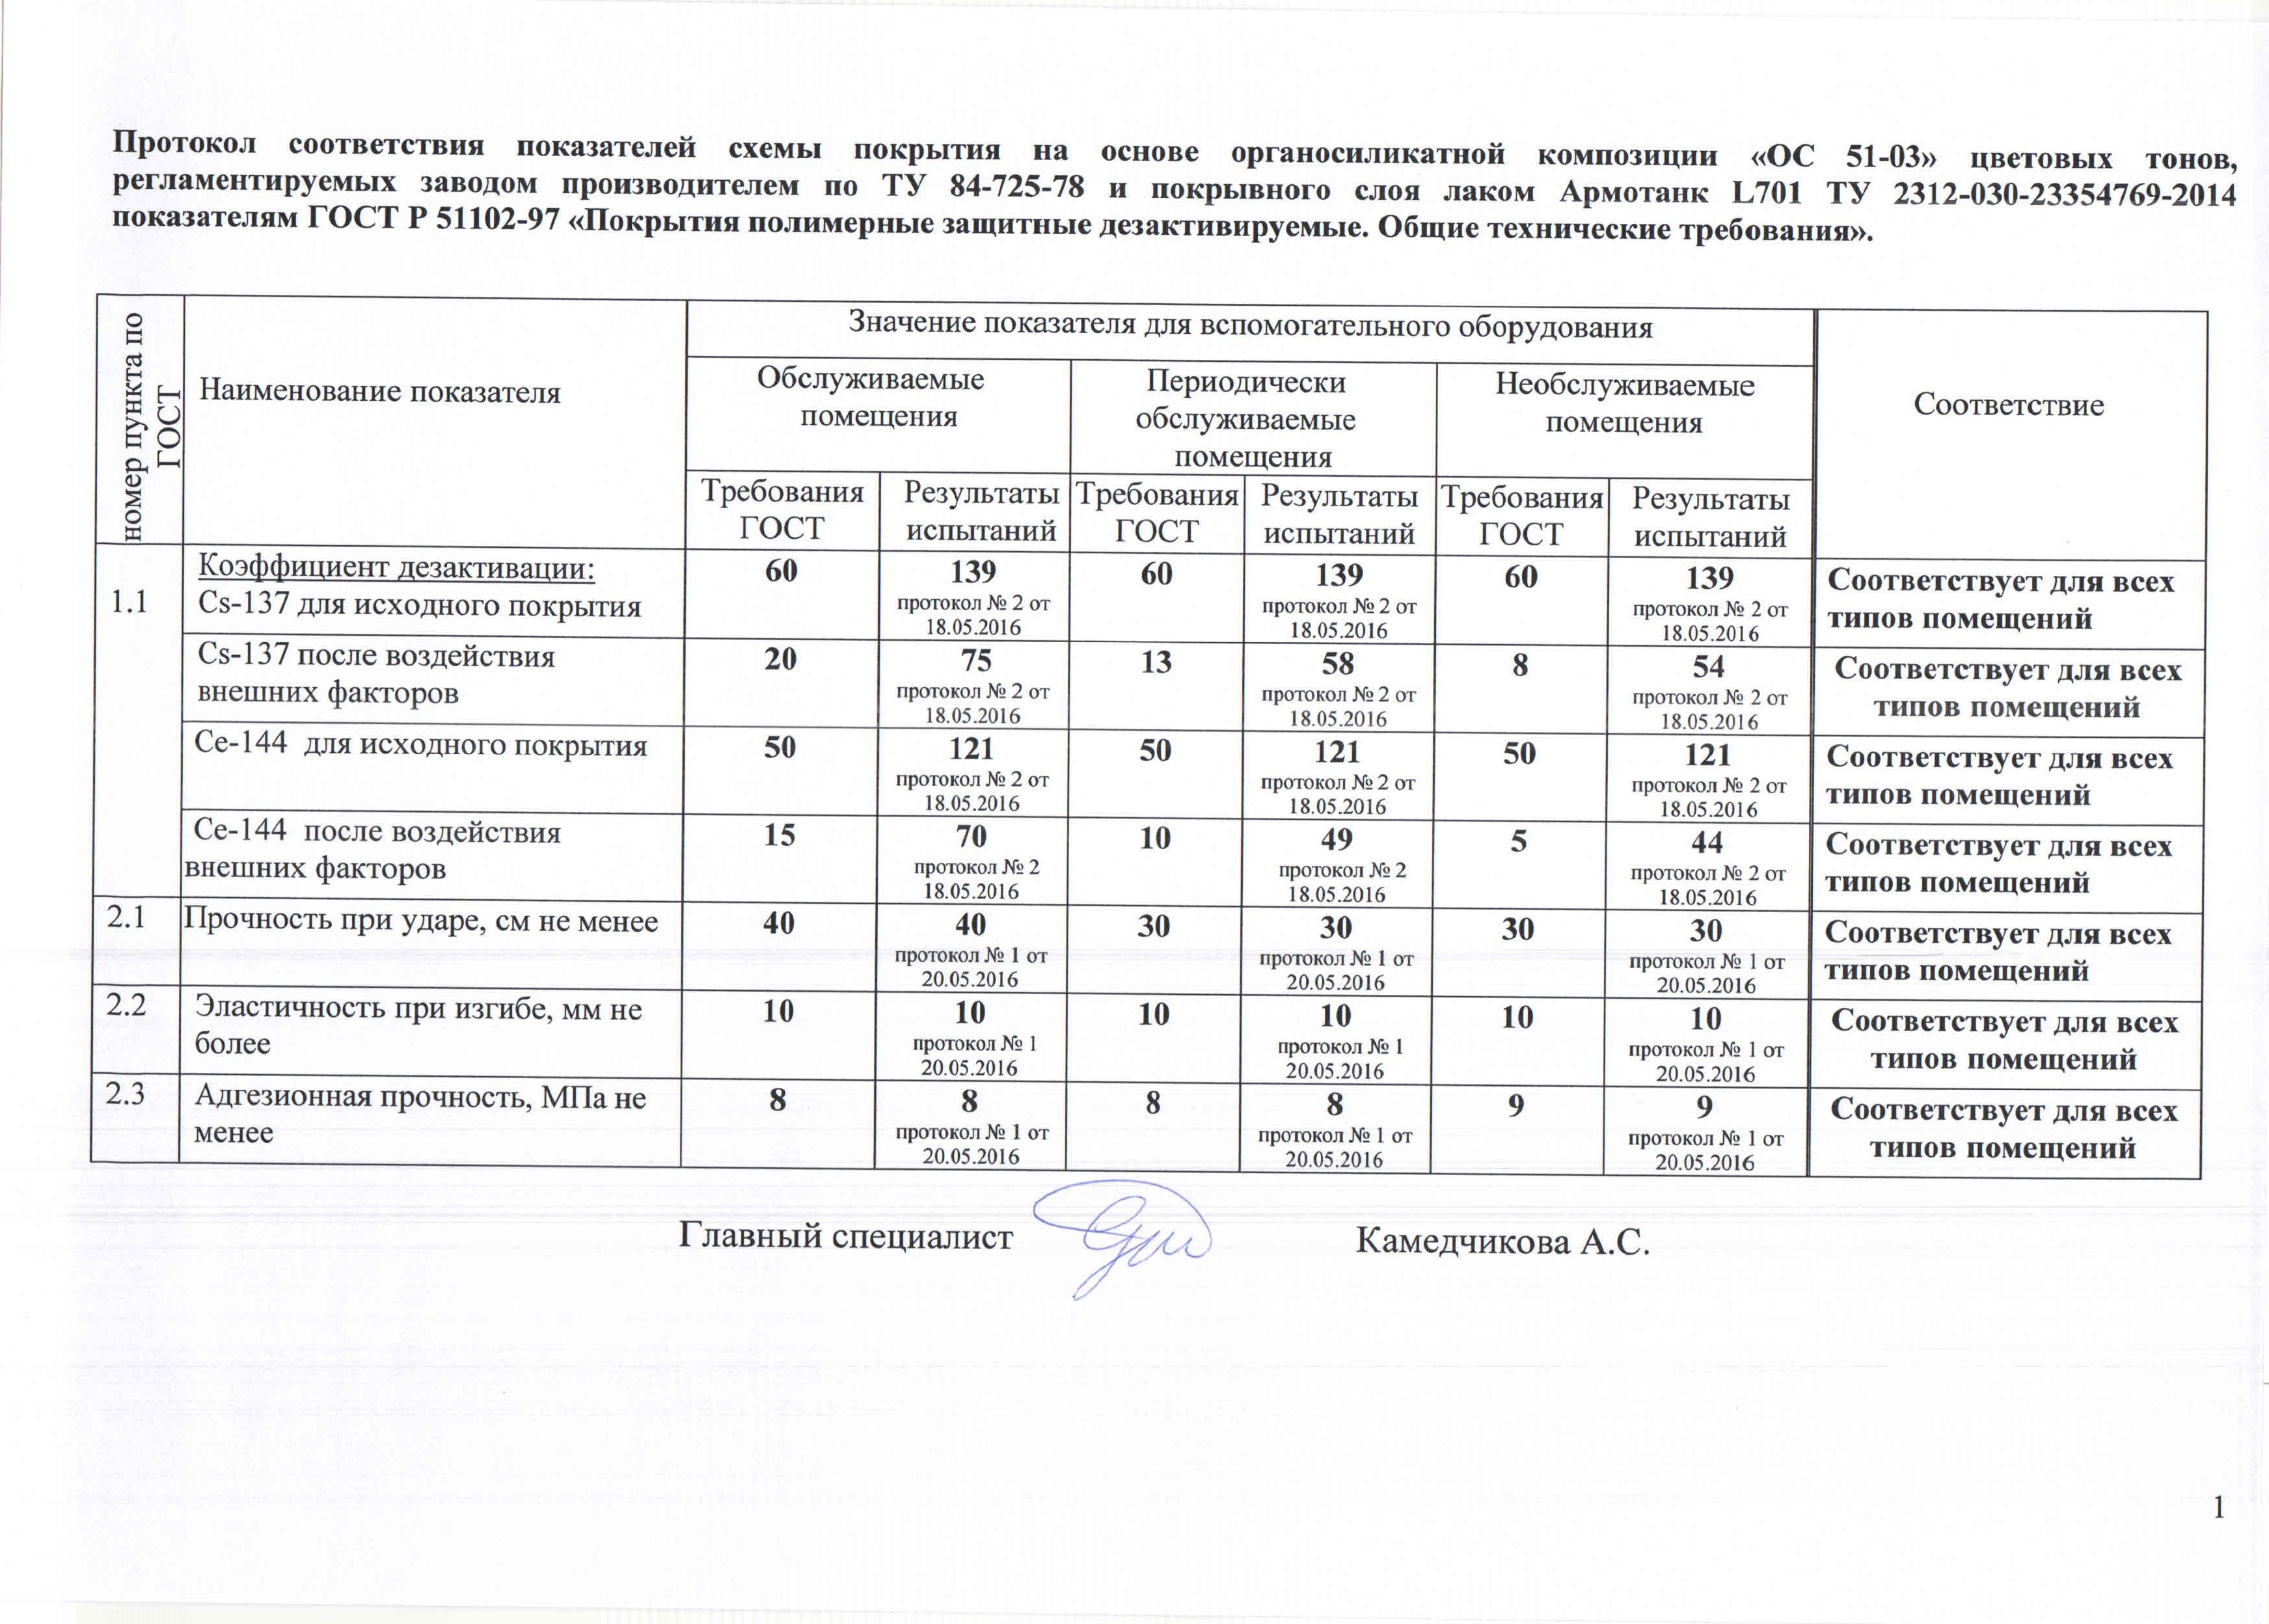 Заключение НИКИМТ ОС-51-03 + L701_Страница_2